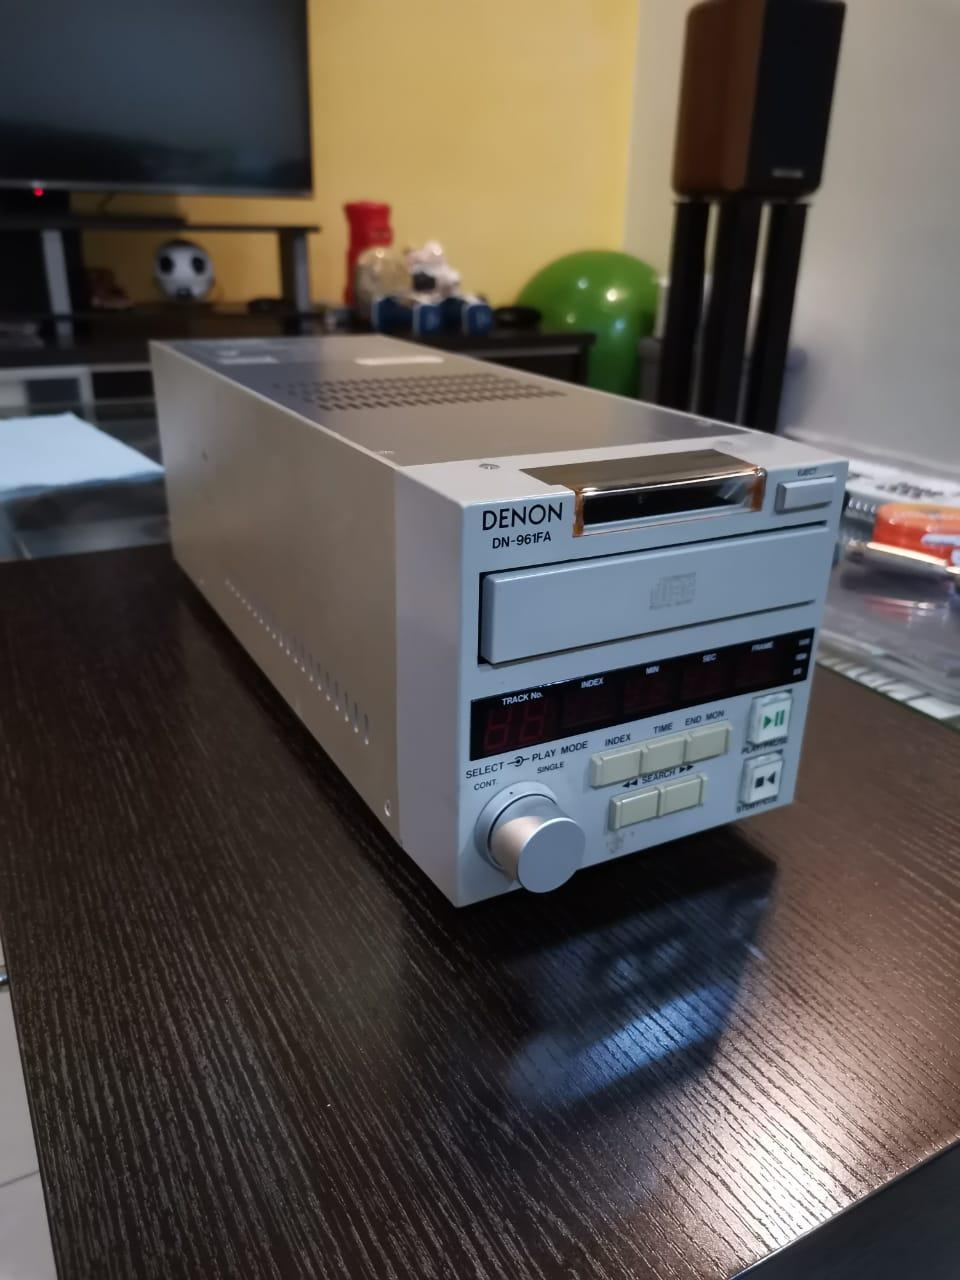 Denon DN-961FA Broadcasting studio CD Player (Sold) Denon_10